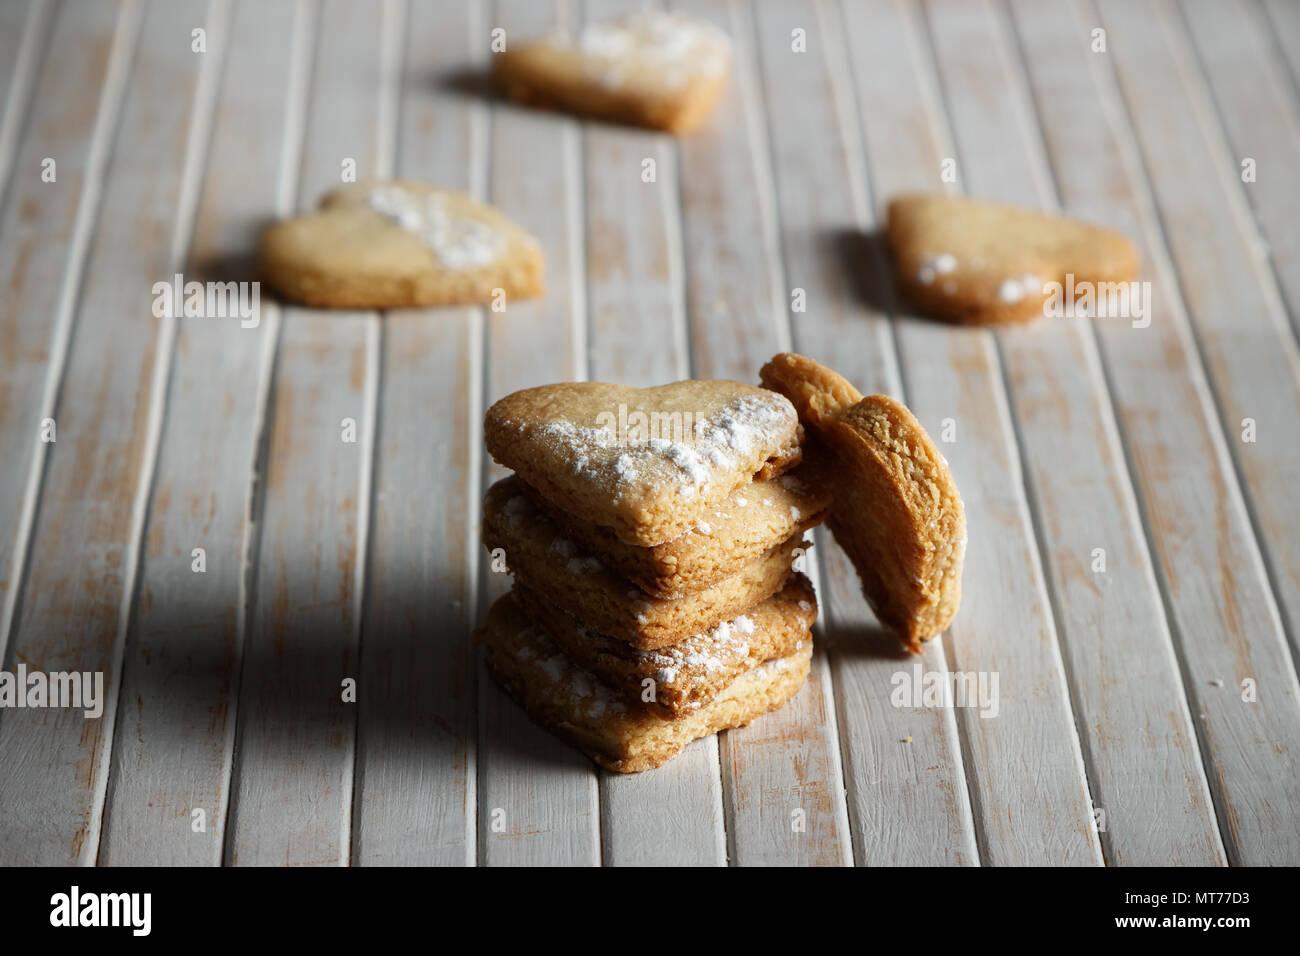 Délicieux cookies en forme de cœur saupoudrée de sucre glace dans une planche de bois. Image horizontale. Moody sombre de style. Photo Stock